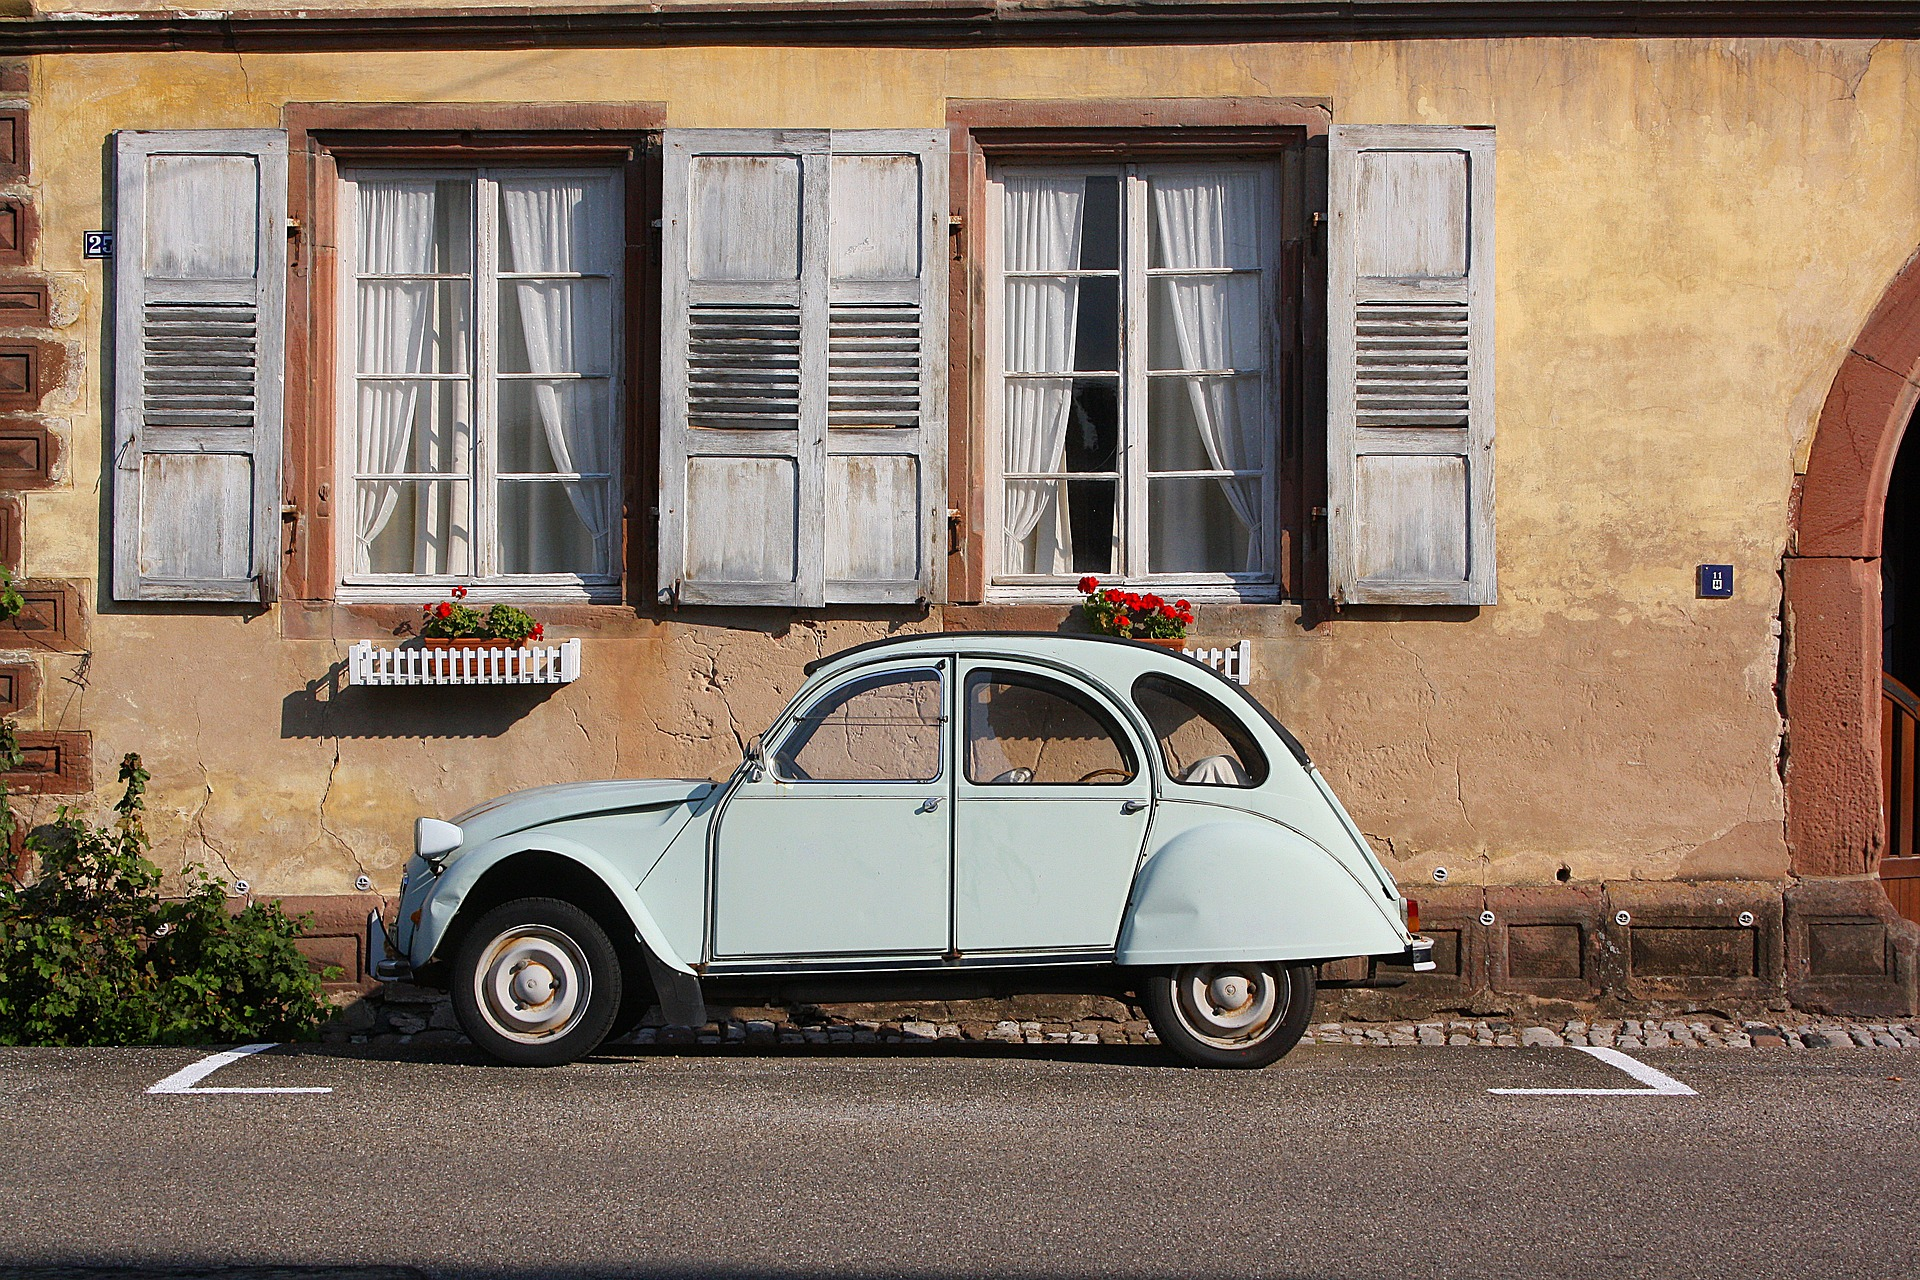 auto-3091234_1920